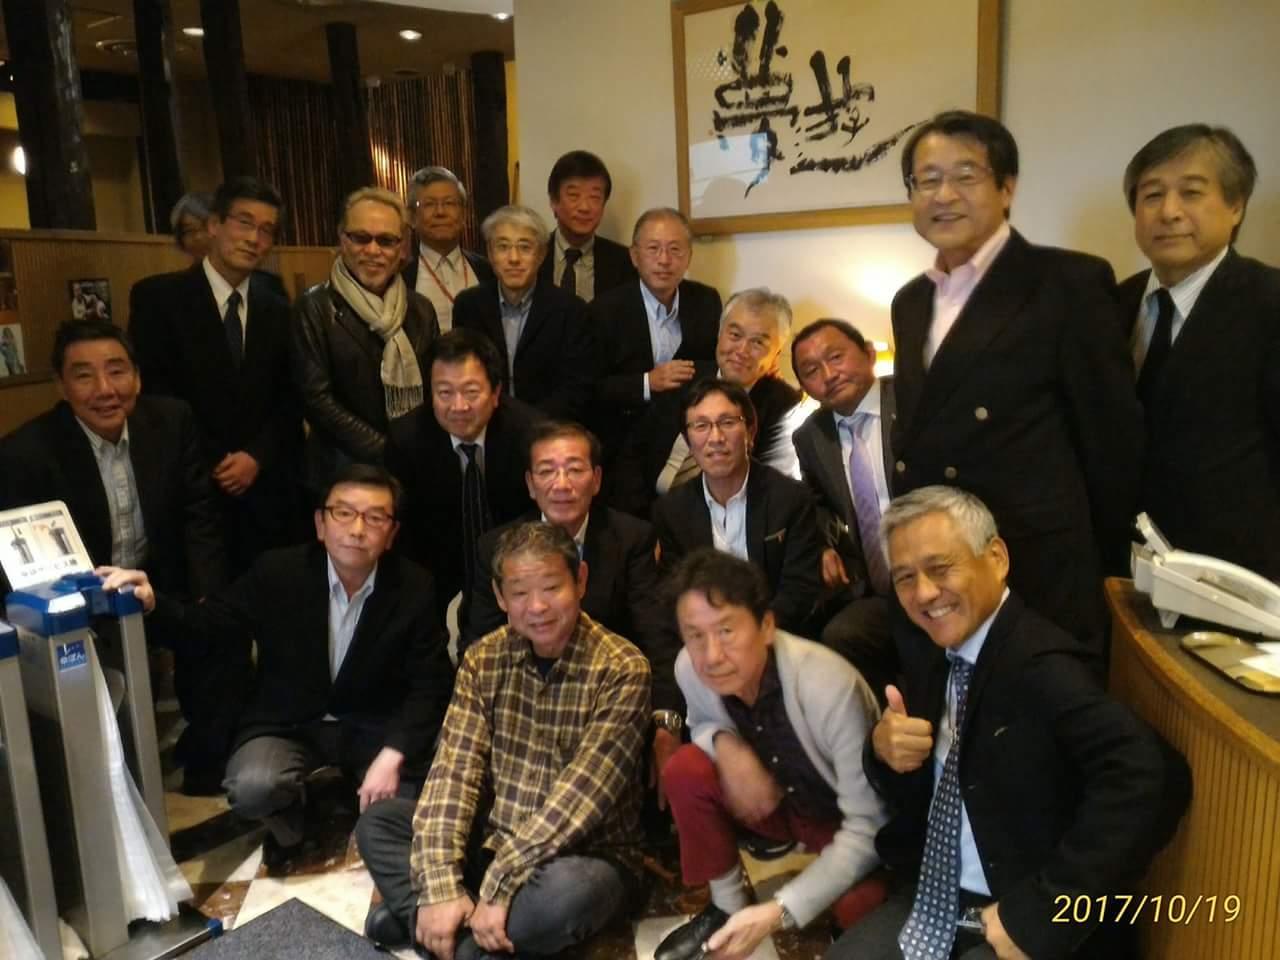 昭和45年中学部卒、昭和48年高等部卒 関東地区同級生会